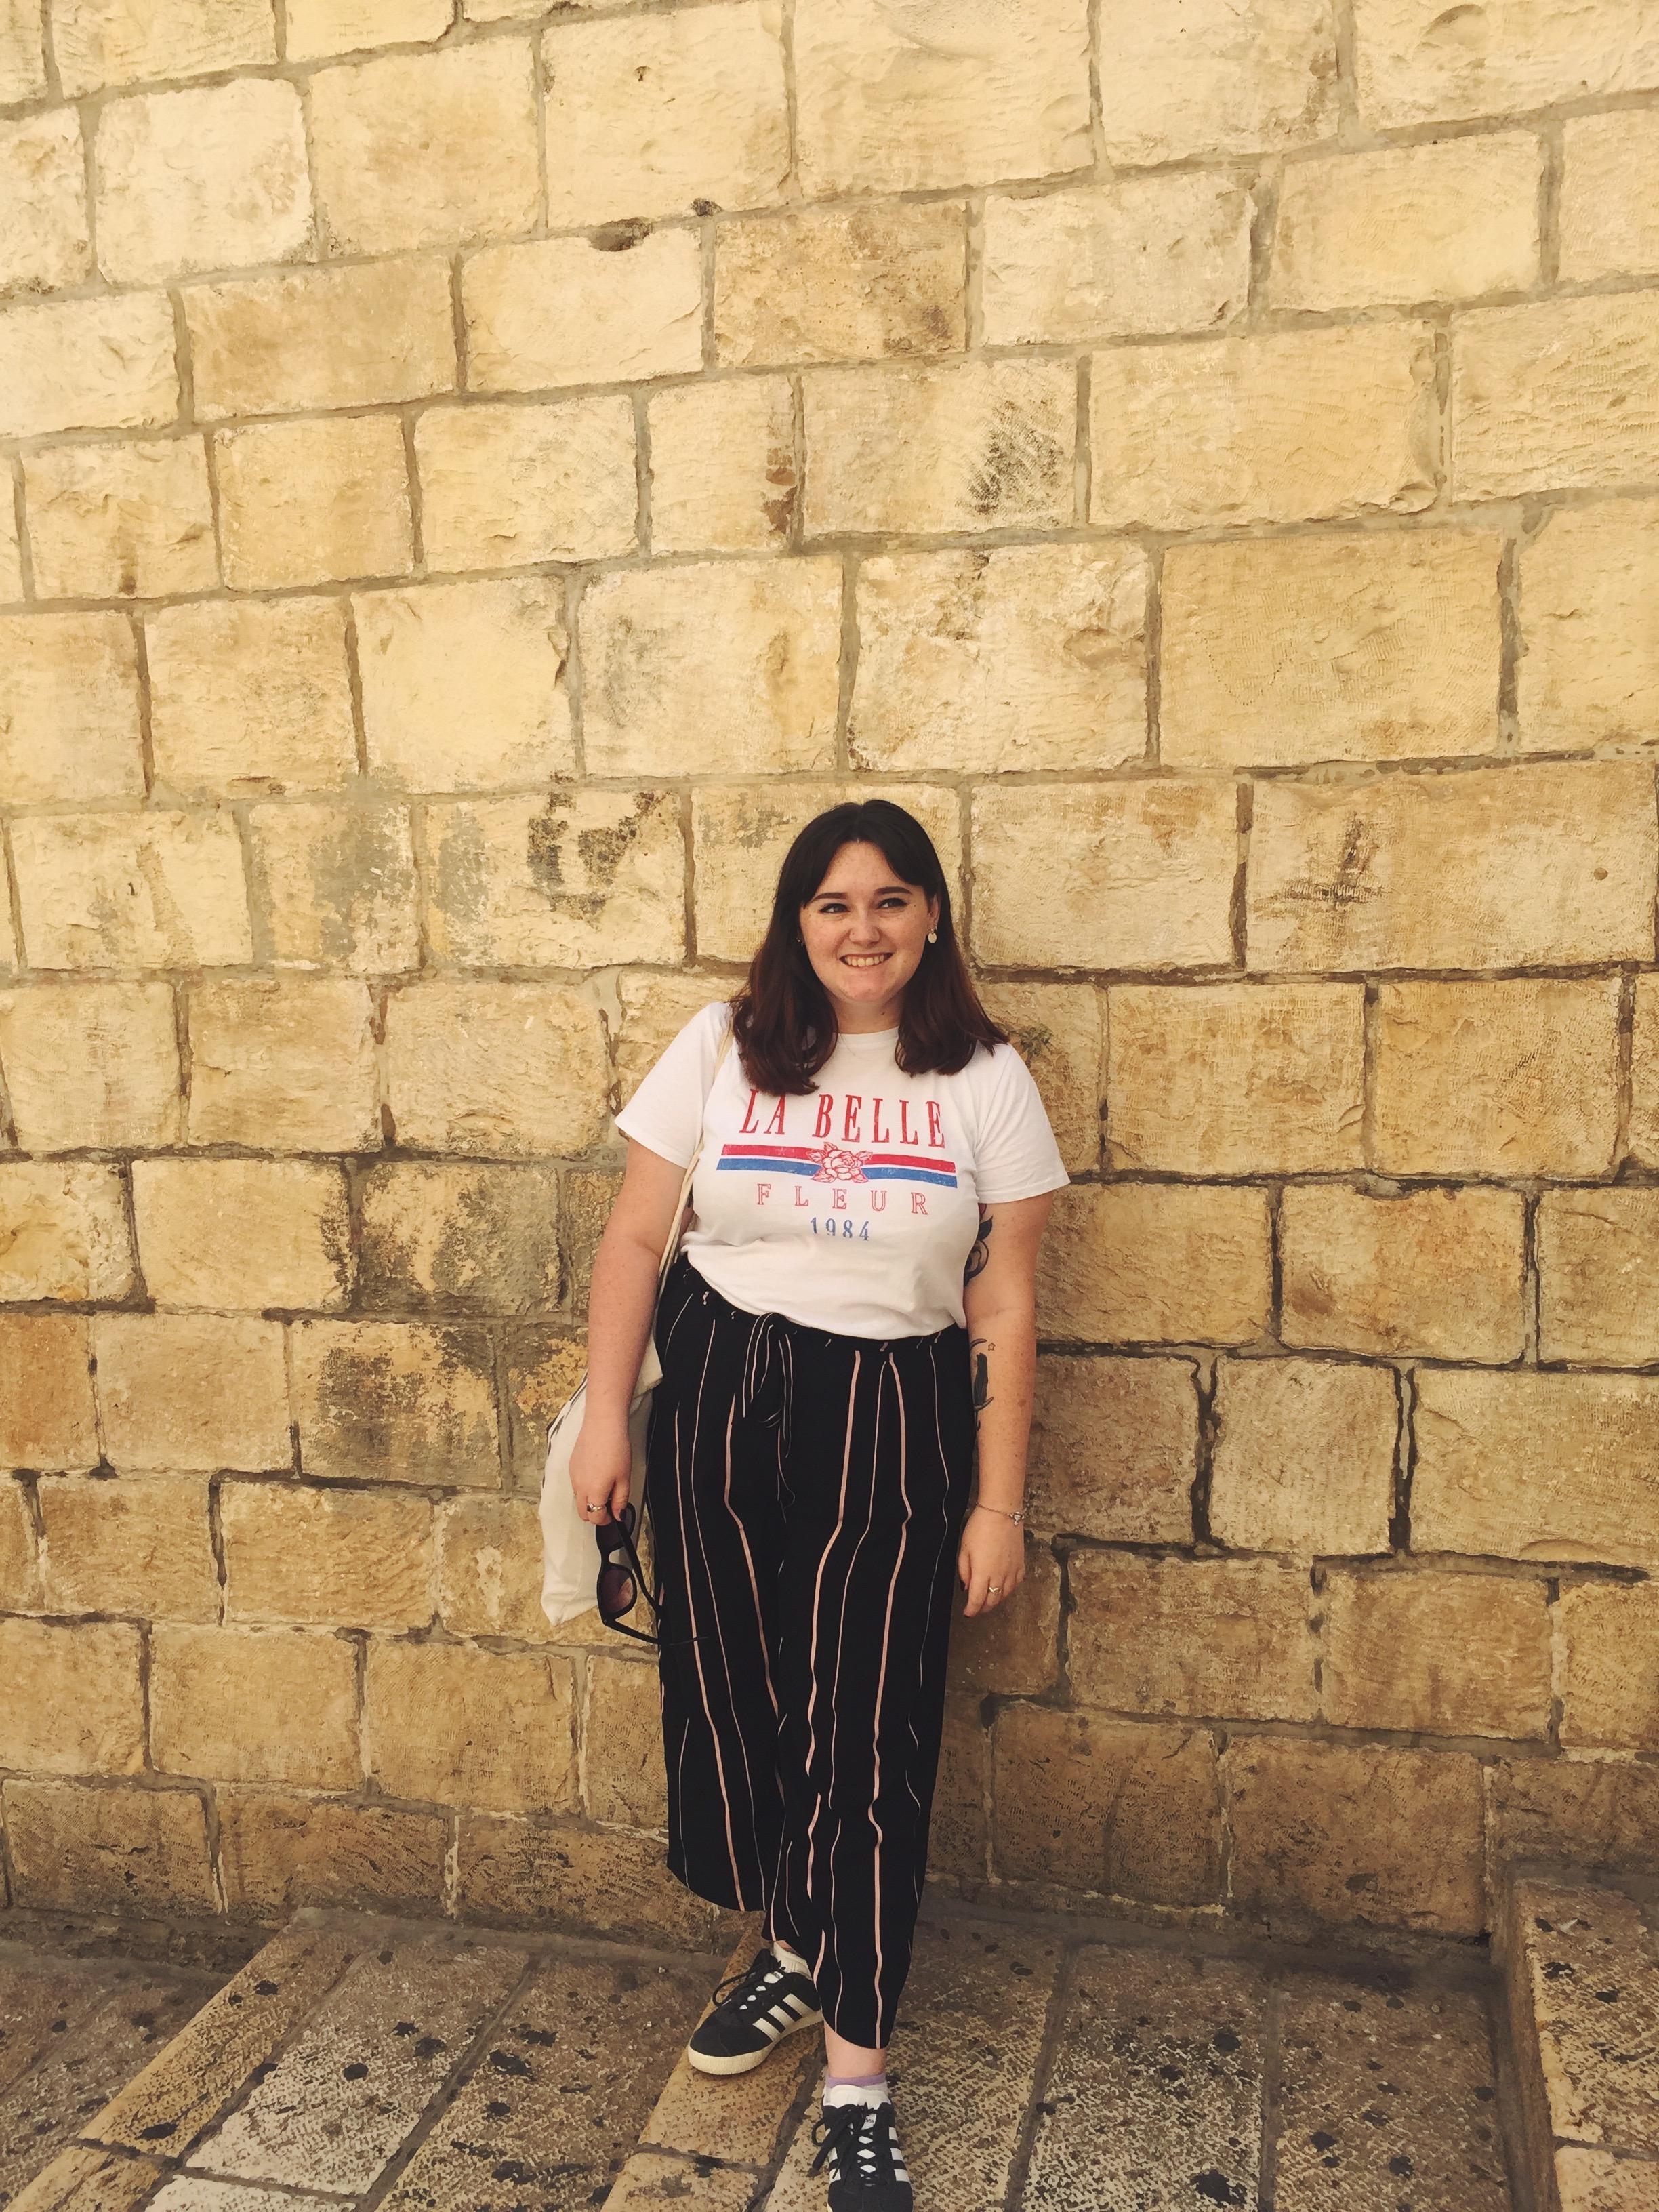 Hannah Jayne mental health body confidence self-care